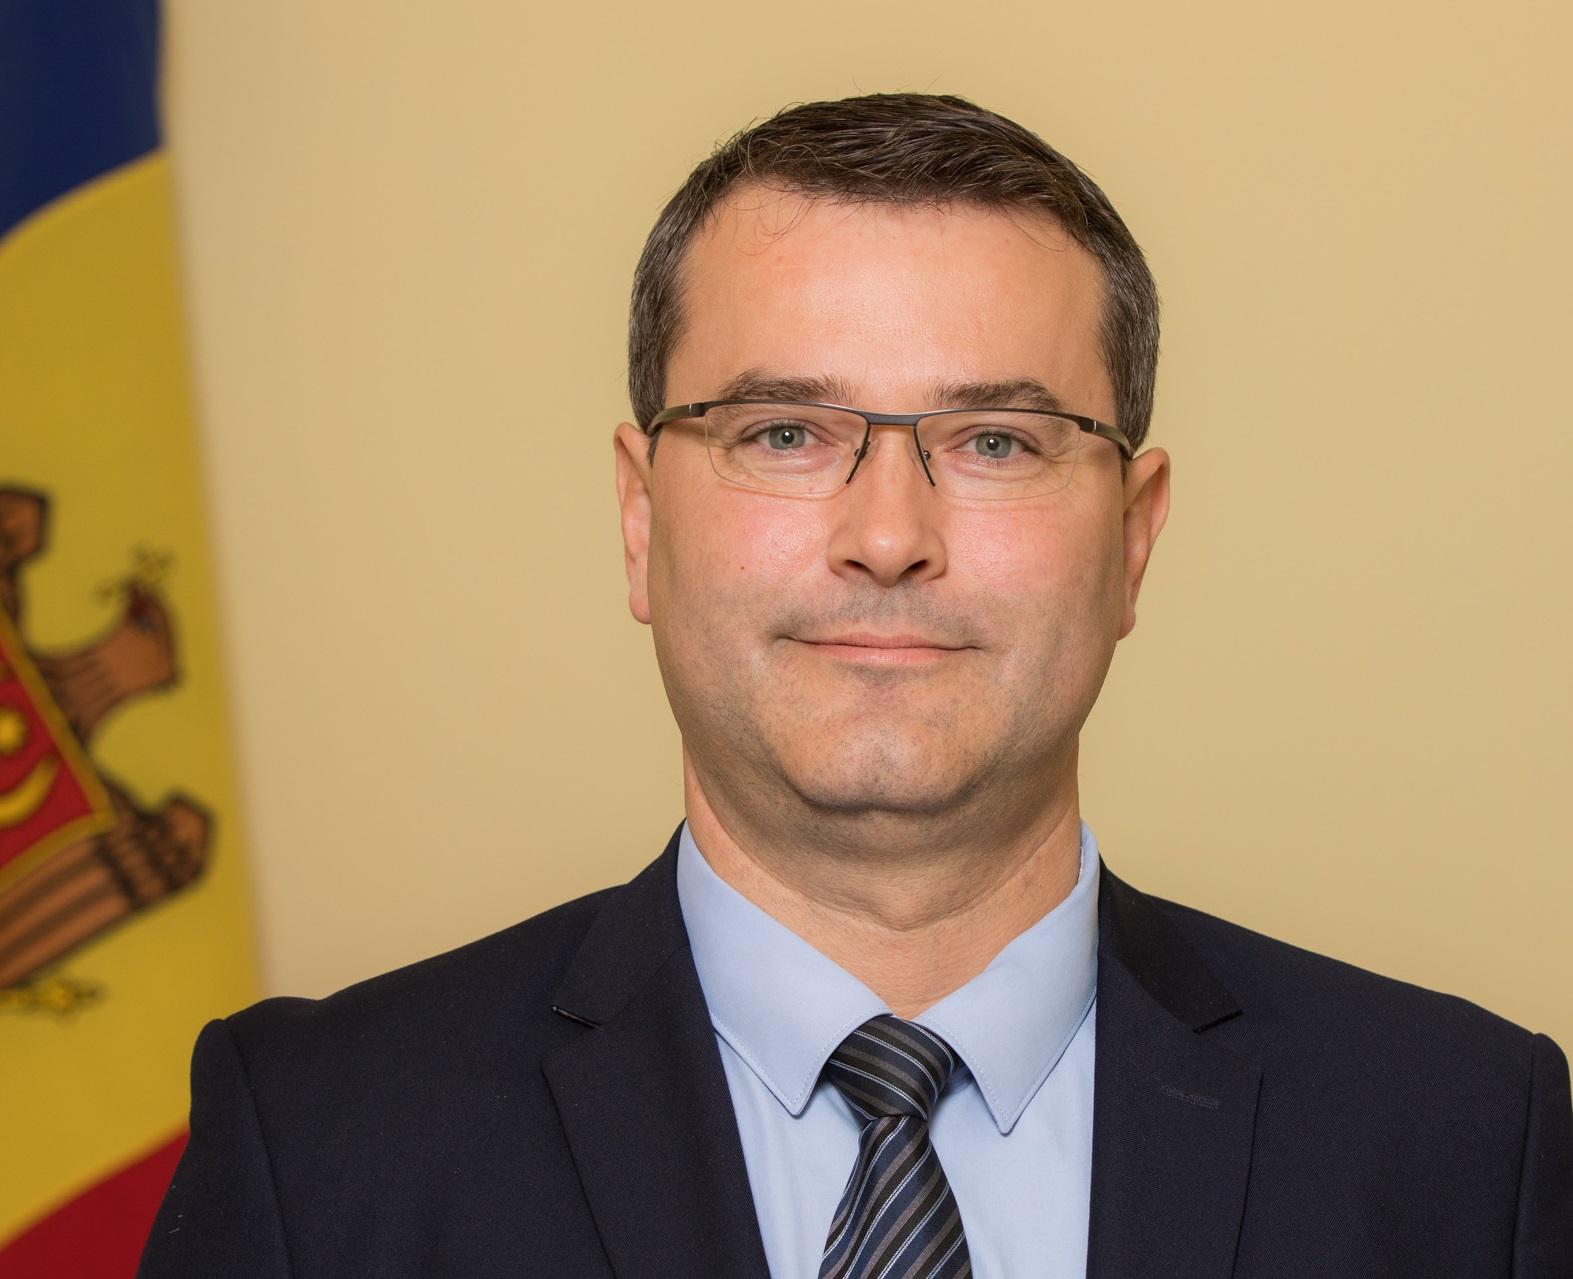 Usatîi anunță pregătirea unui Memorandum între MEI și Ministerul Energeticii și Protecției Mediului din Ucraina